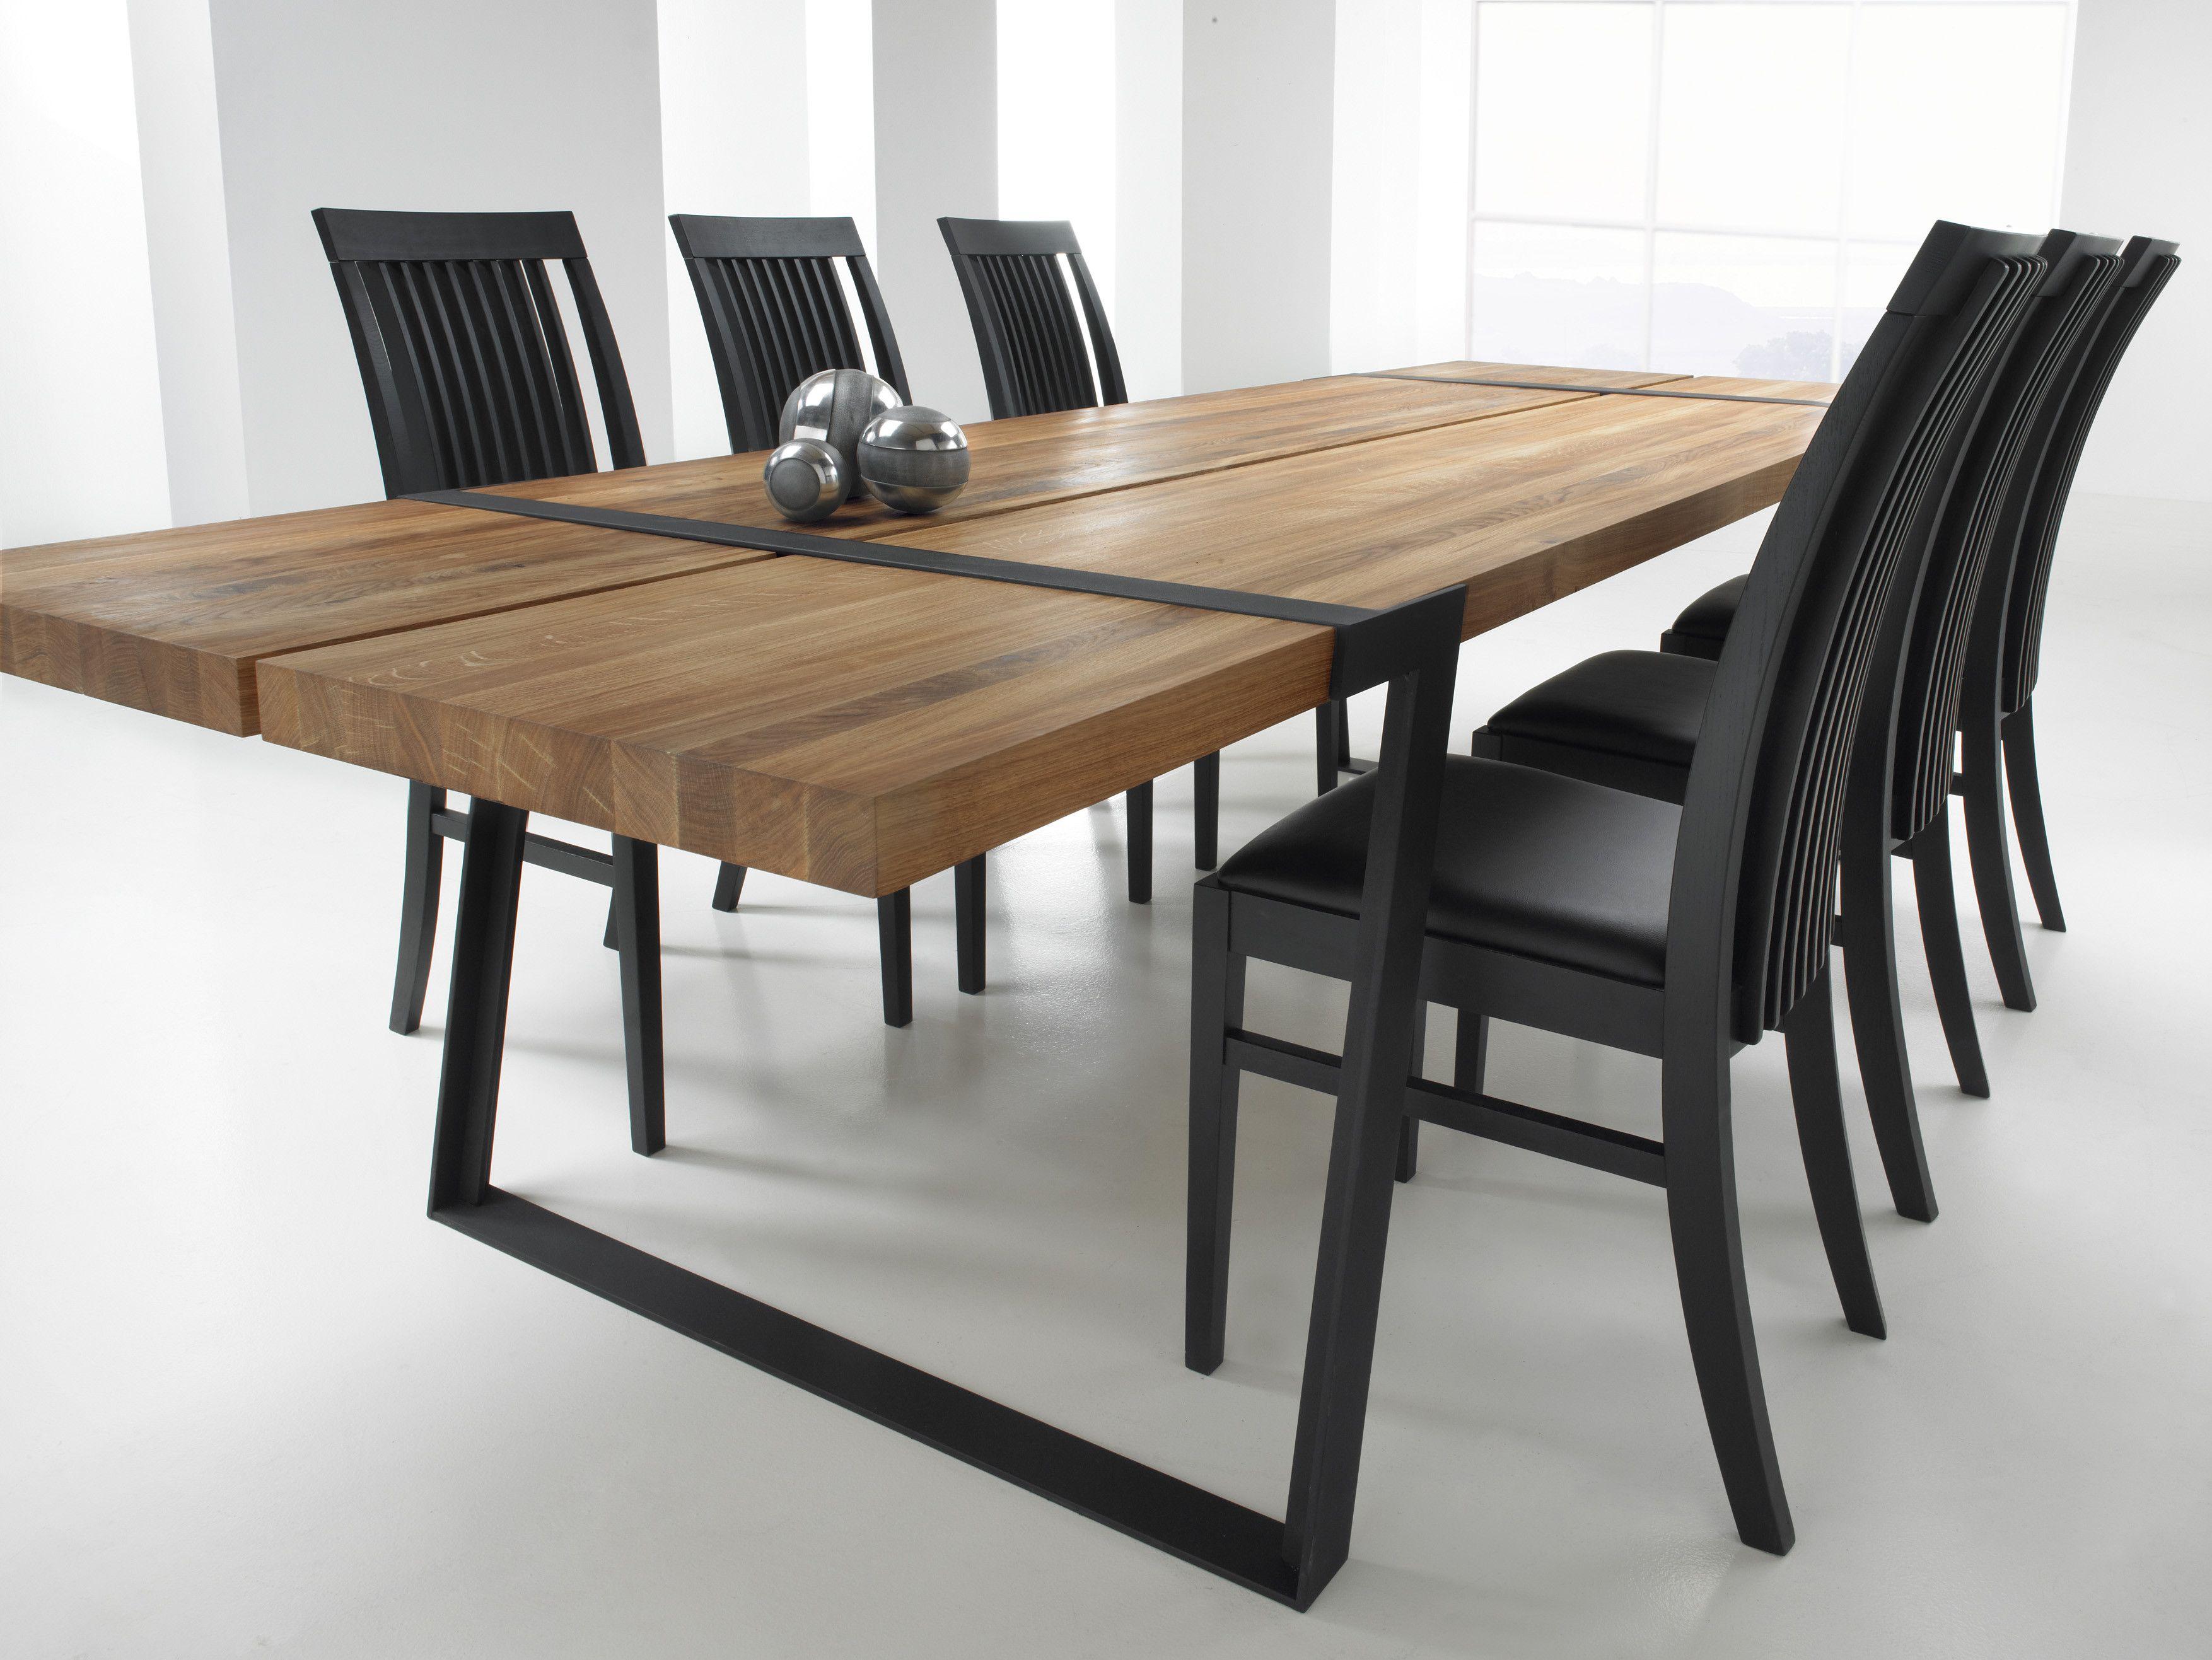 Wohnzimmertisch modern ~ Tisch wildeiche massiv geölt woody 112 00296 metall modern jetzt